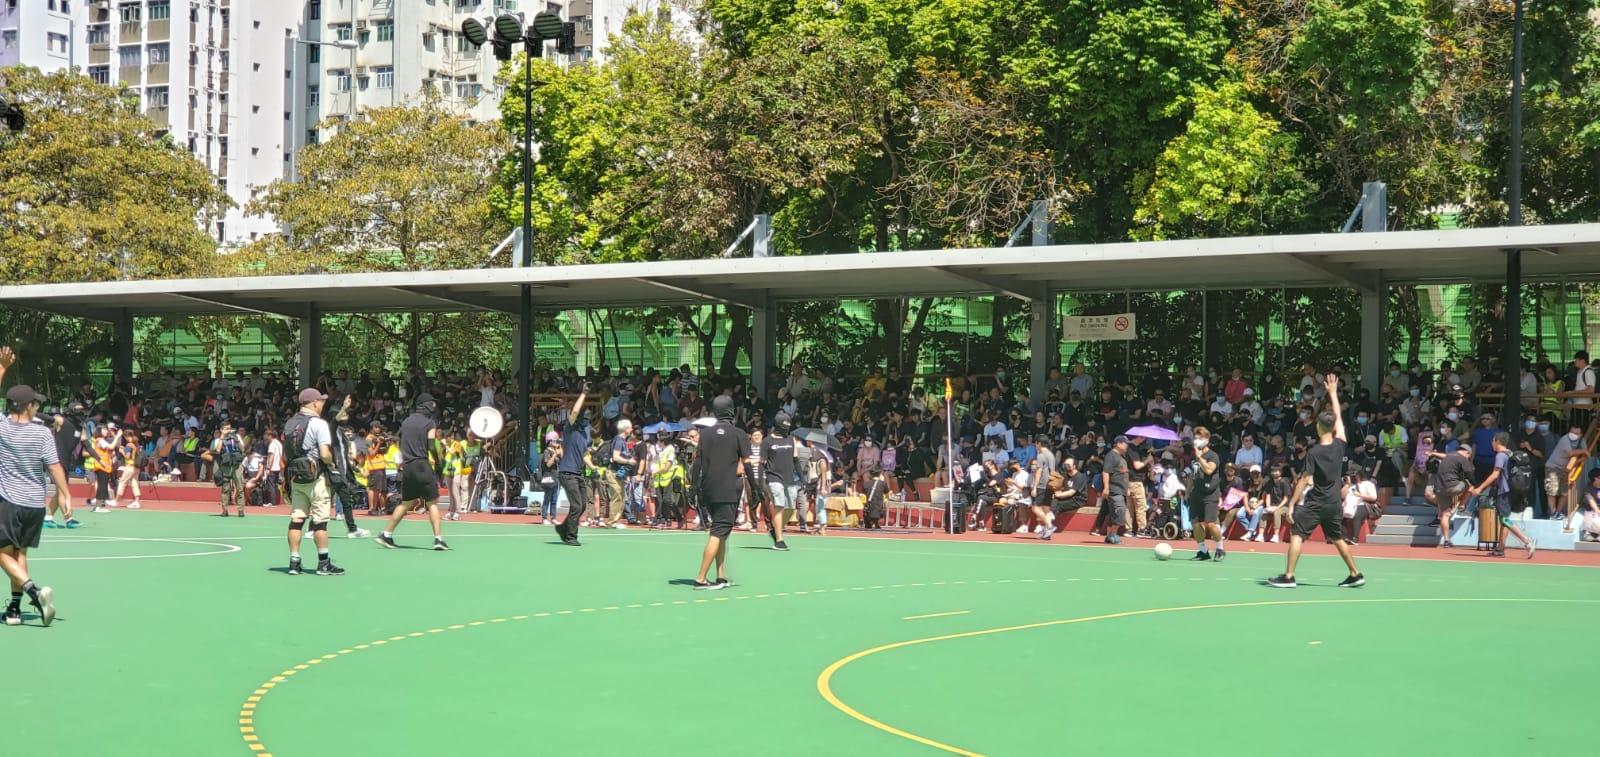 參加遊行的人士在球場看台附近集合。